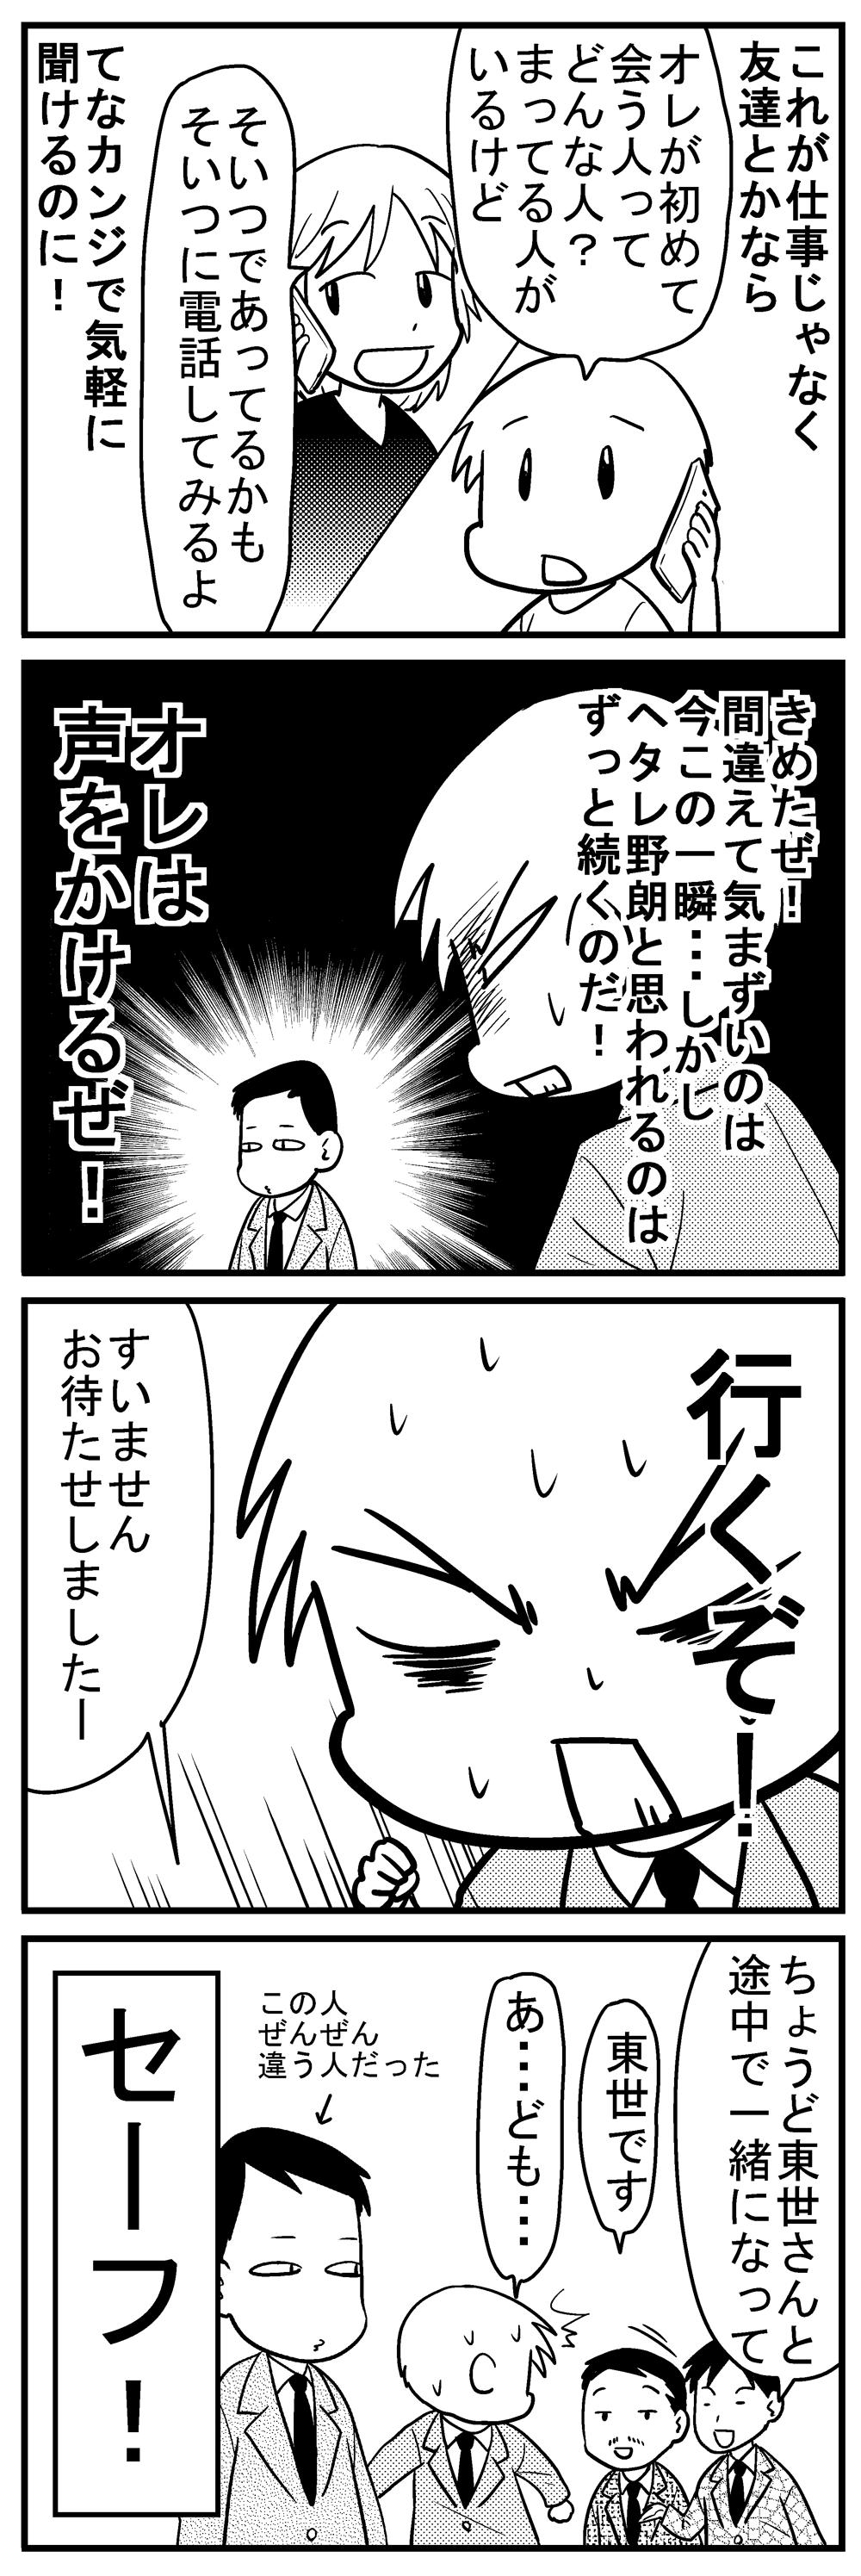 深読みくん55-4